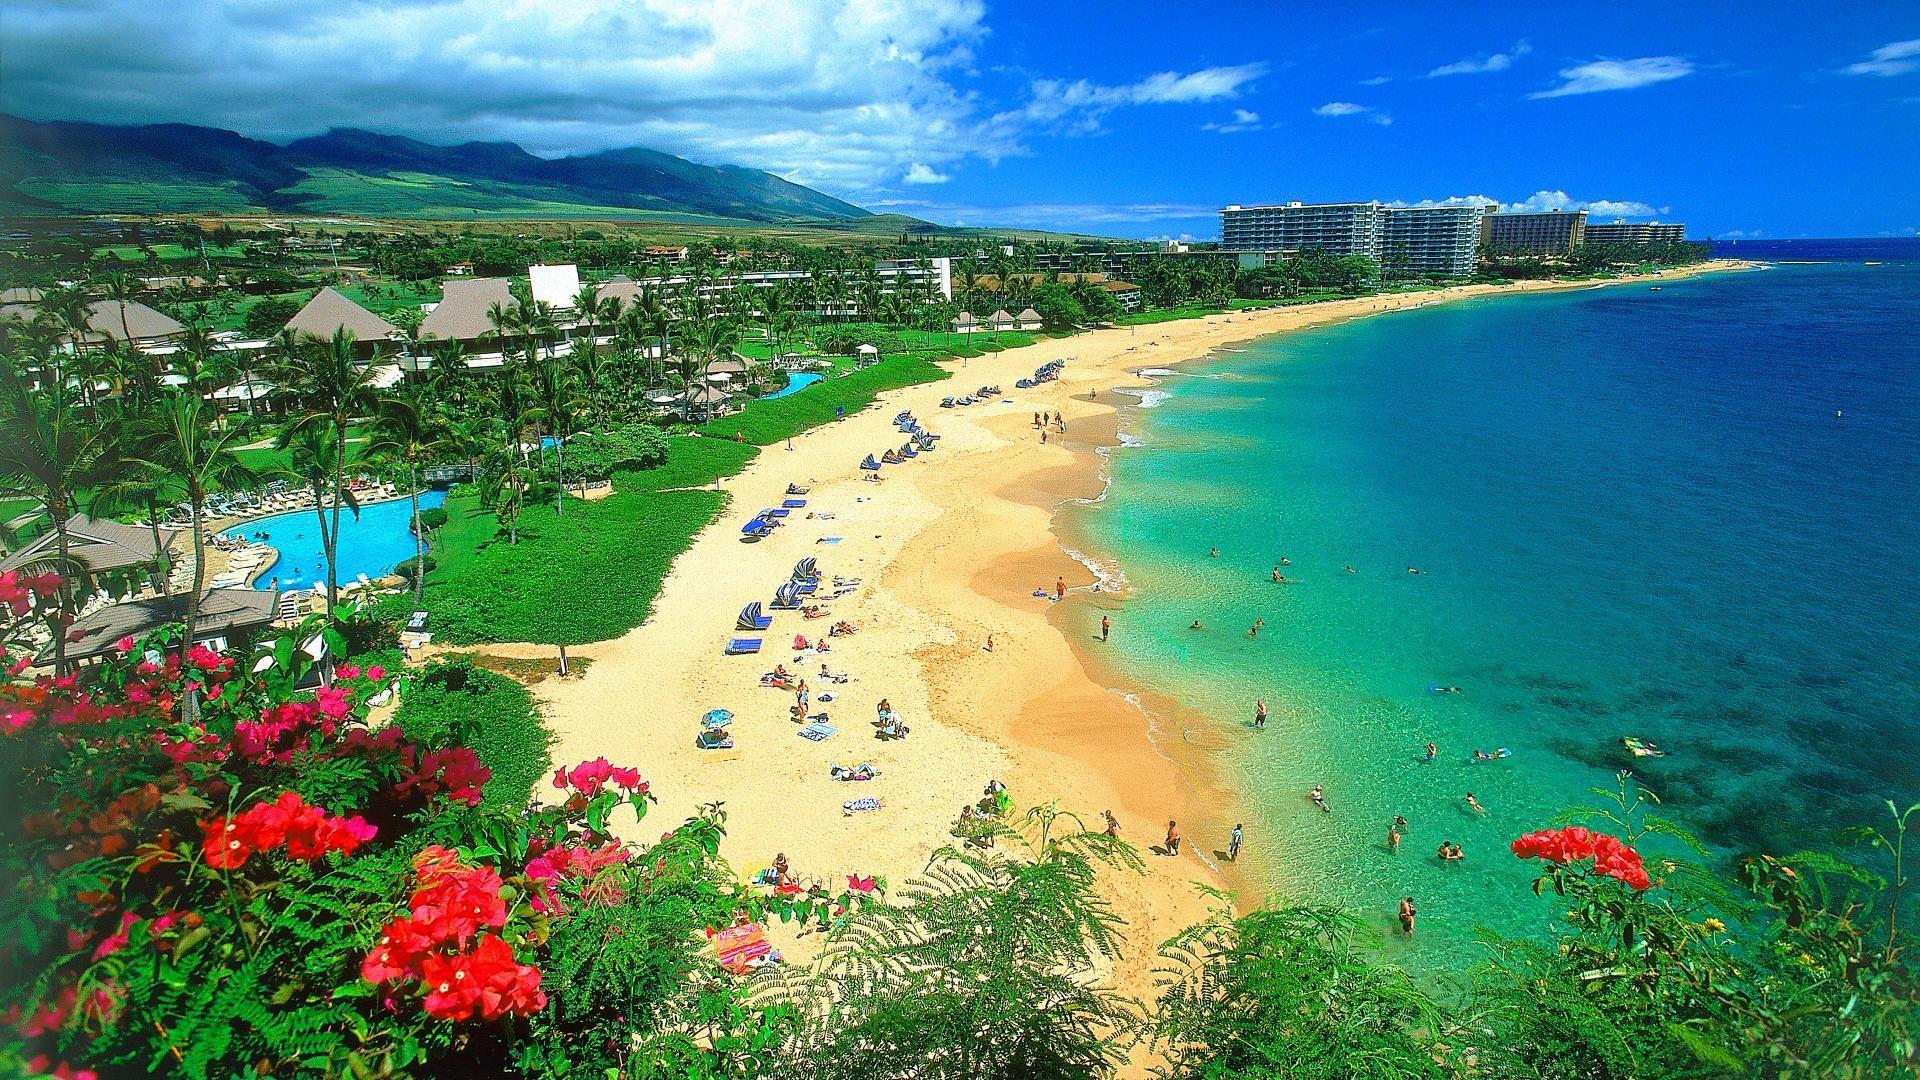 Hawaiian Desktop Backgrounds | utama.info